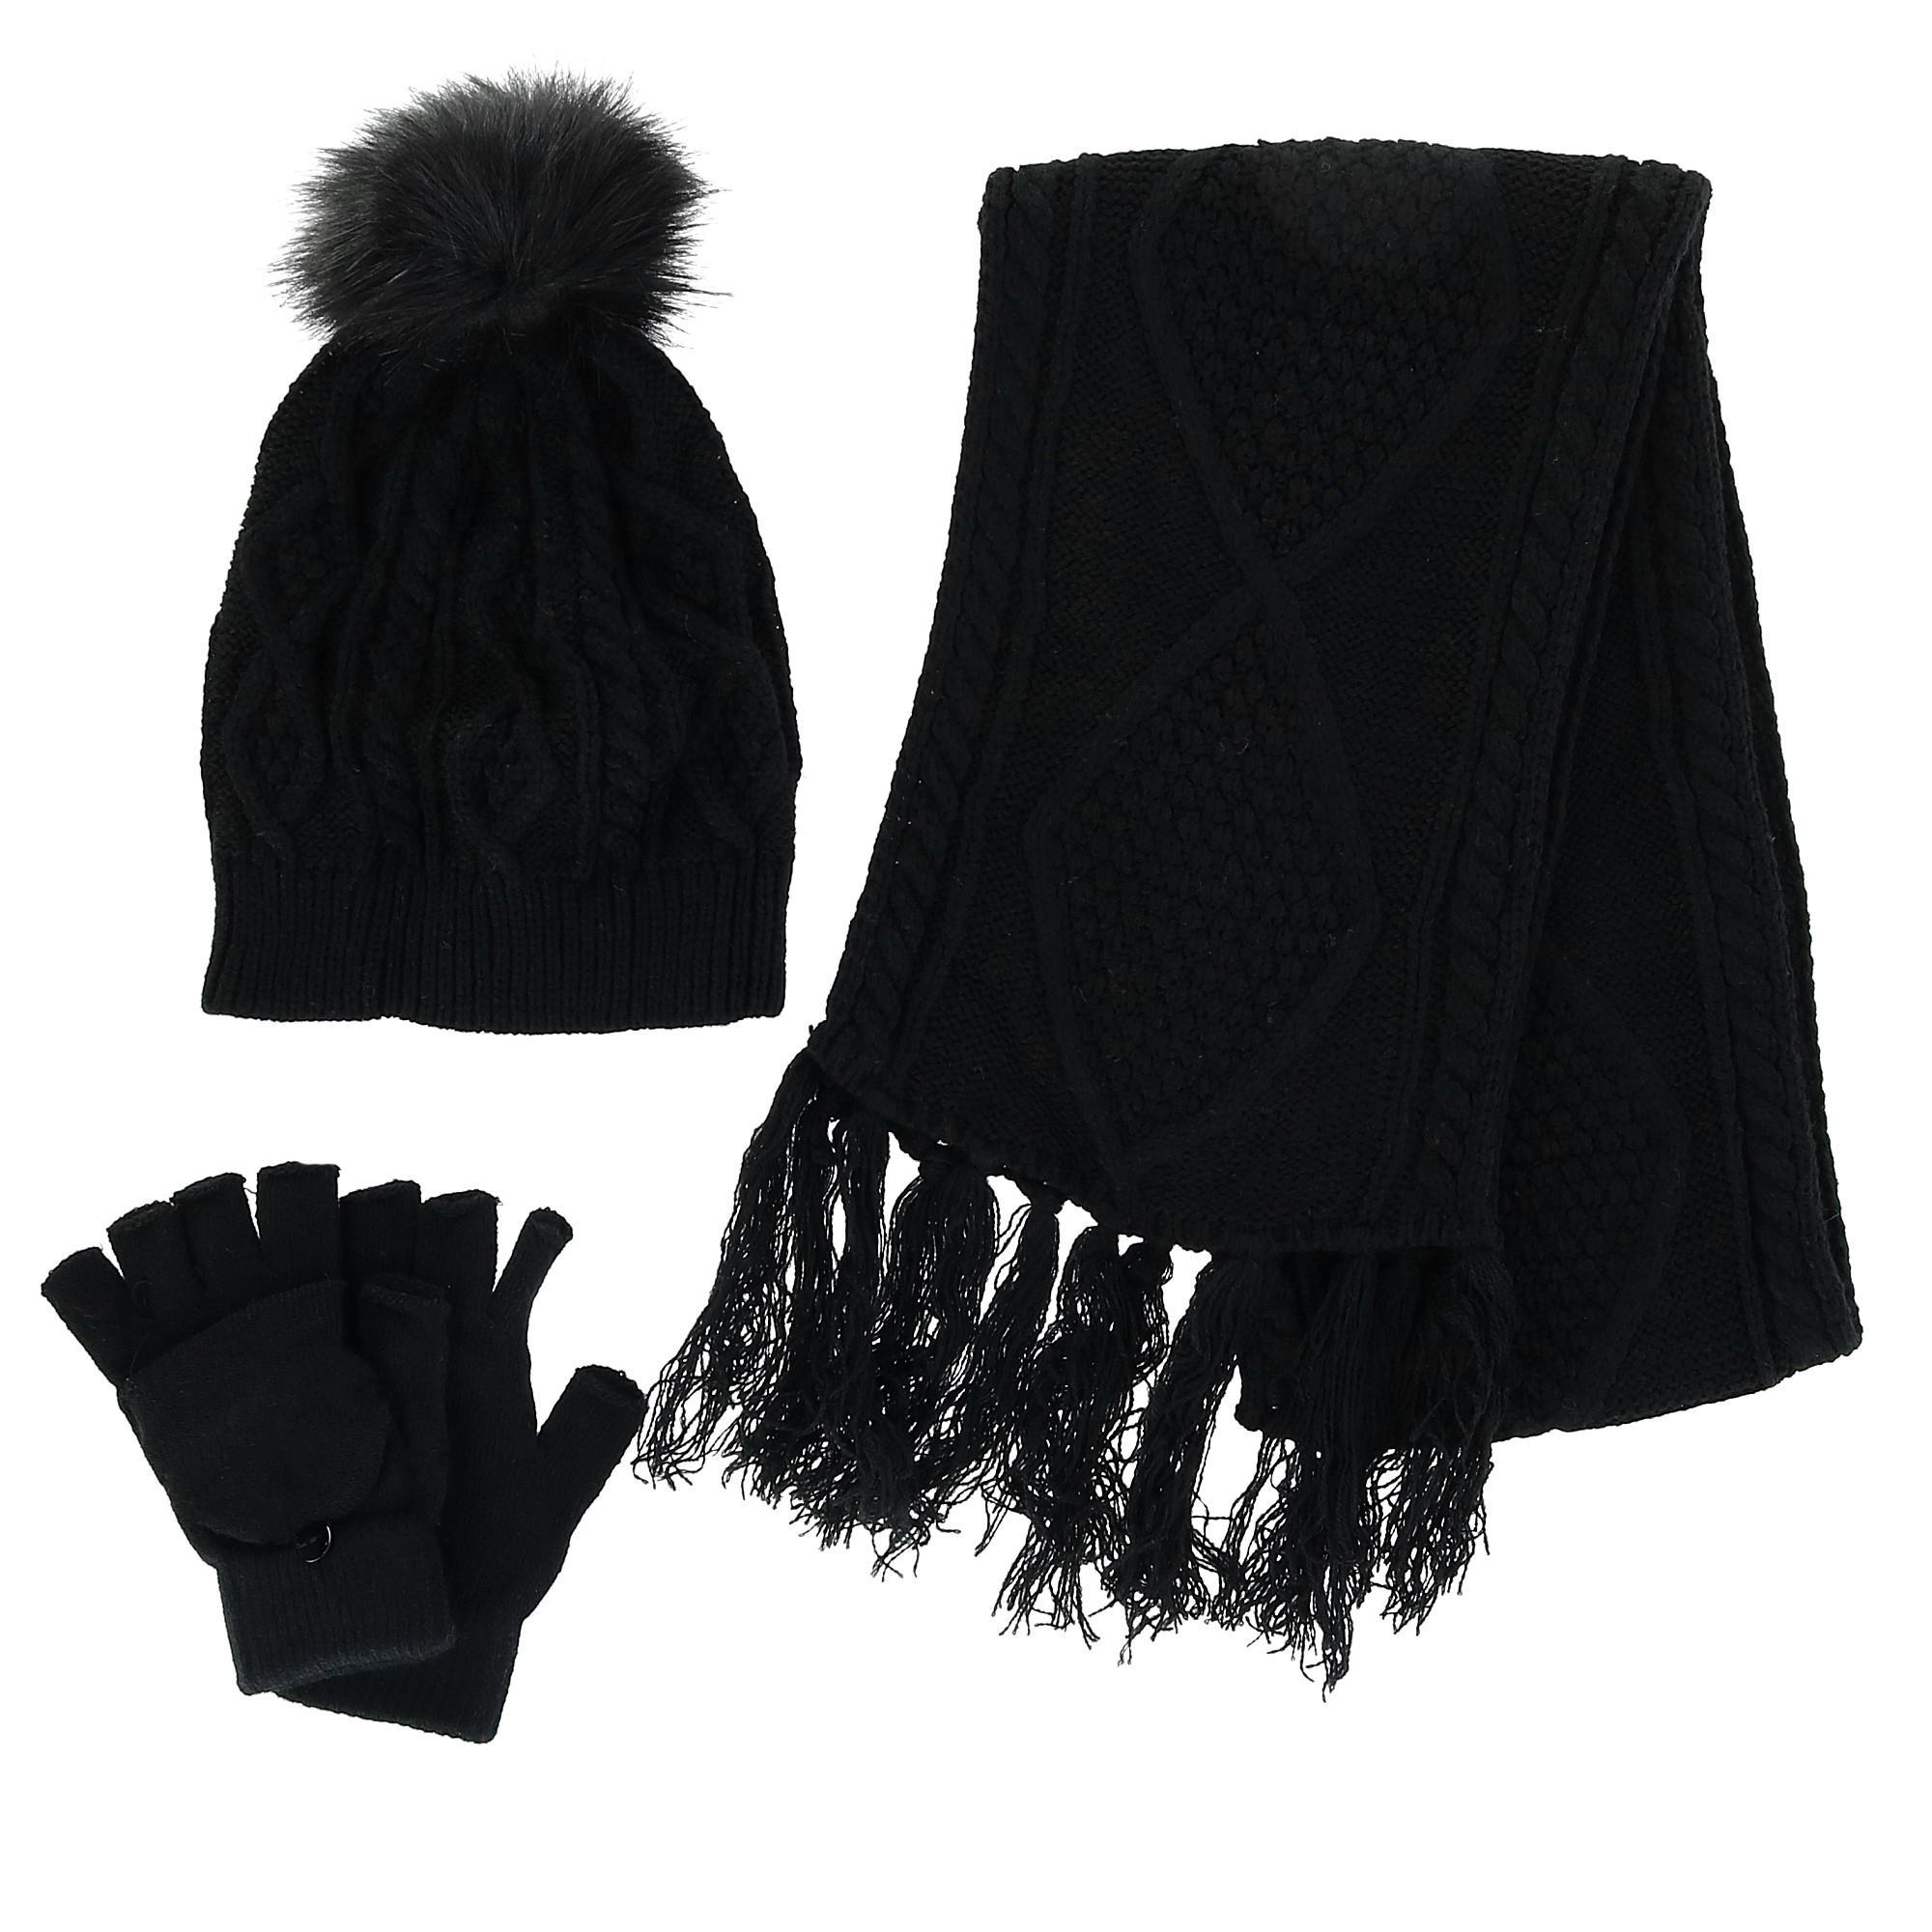 ea4275c4093 Details about New CTM Women's Cable Knit 3 Piece Winter Set